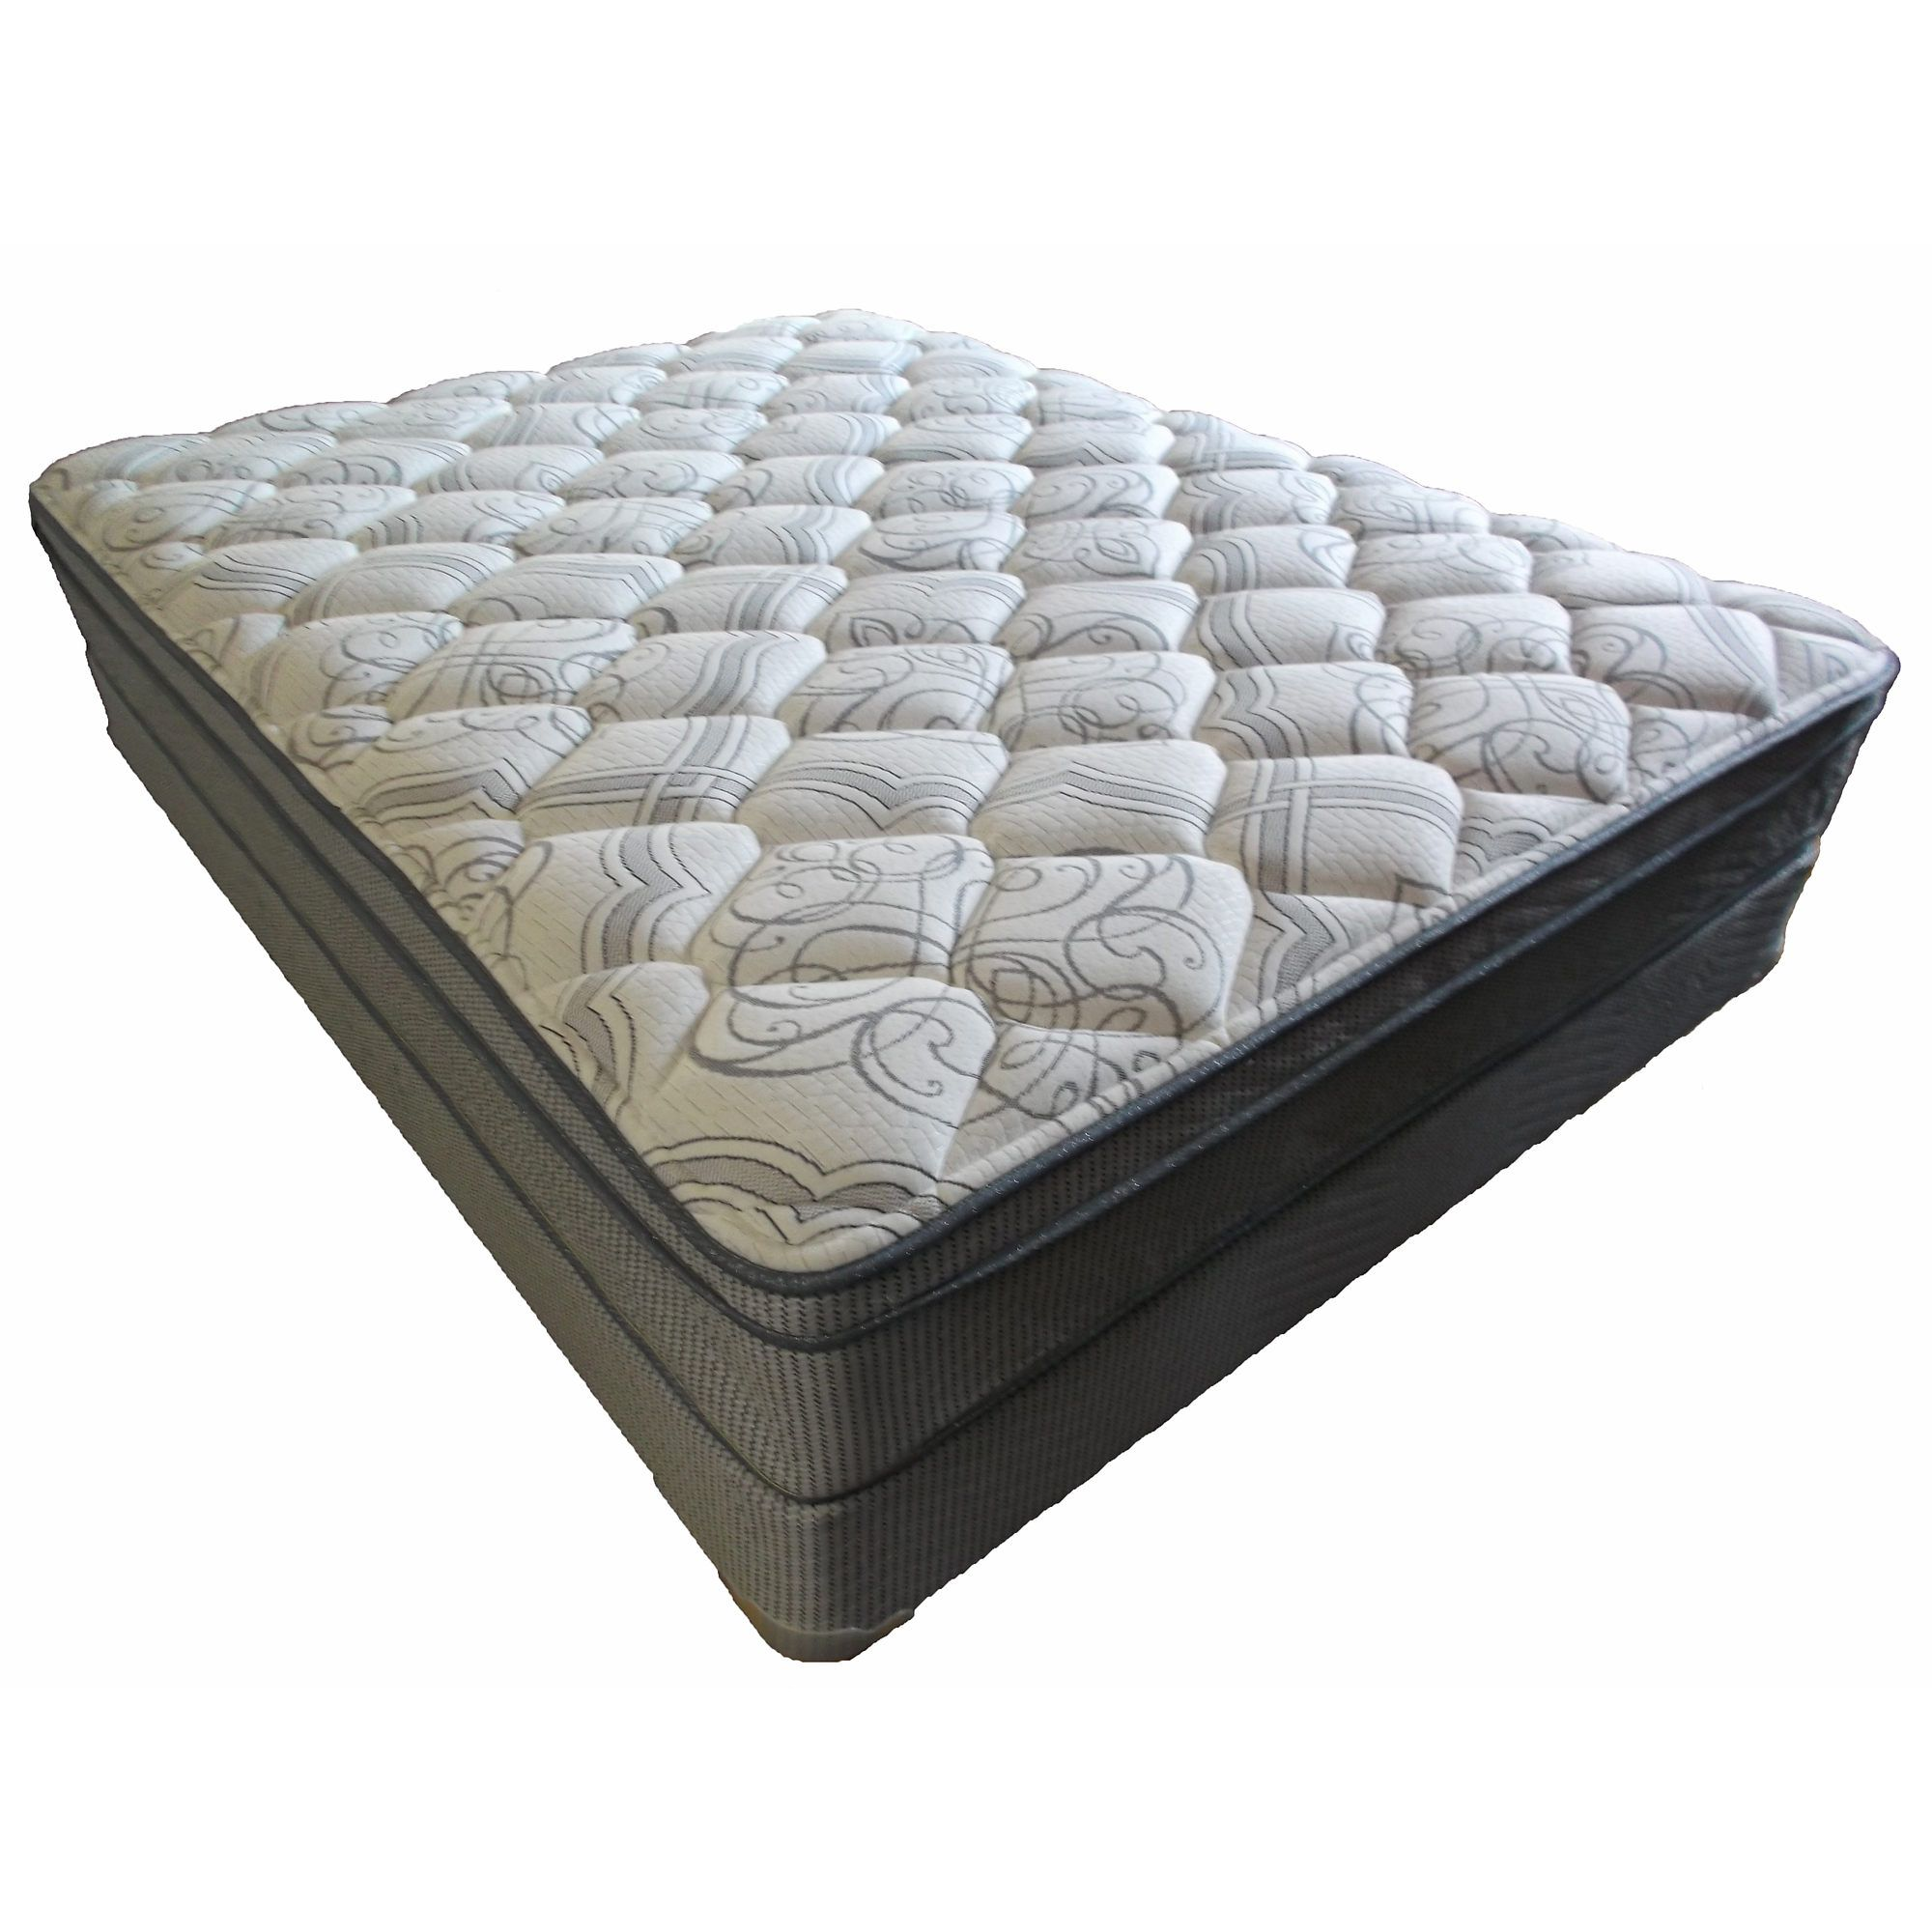 Berkley Jensen Queen-Size Euro Pillowtop Mattress Set - BJ ...